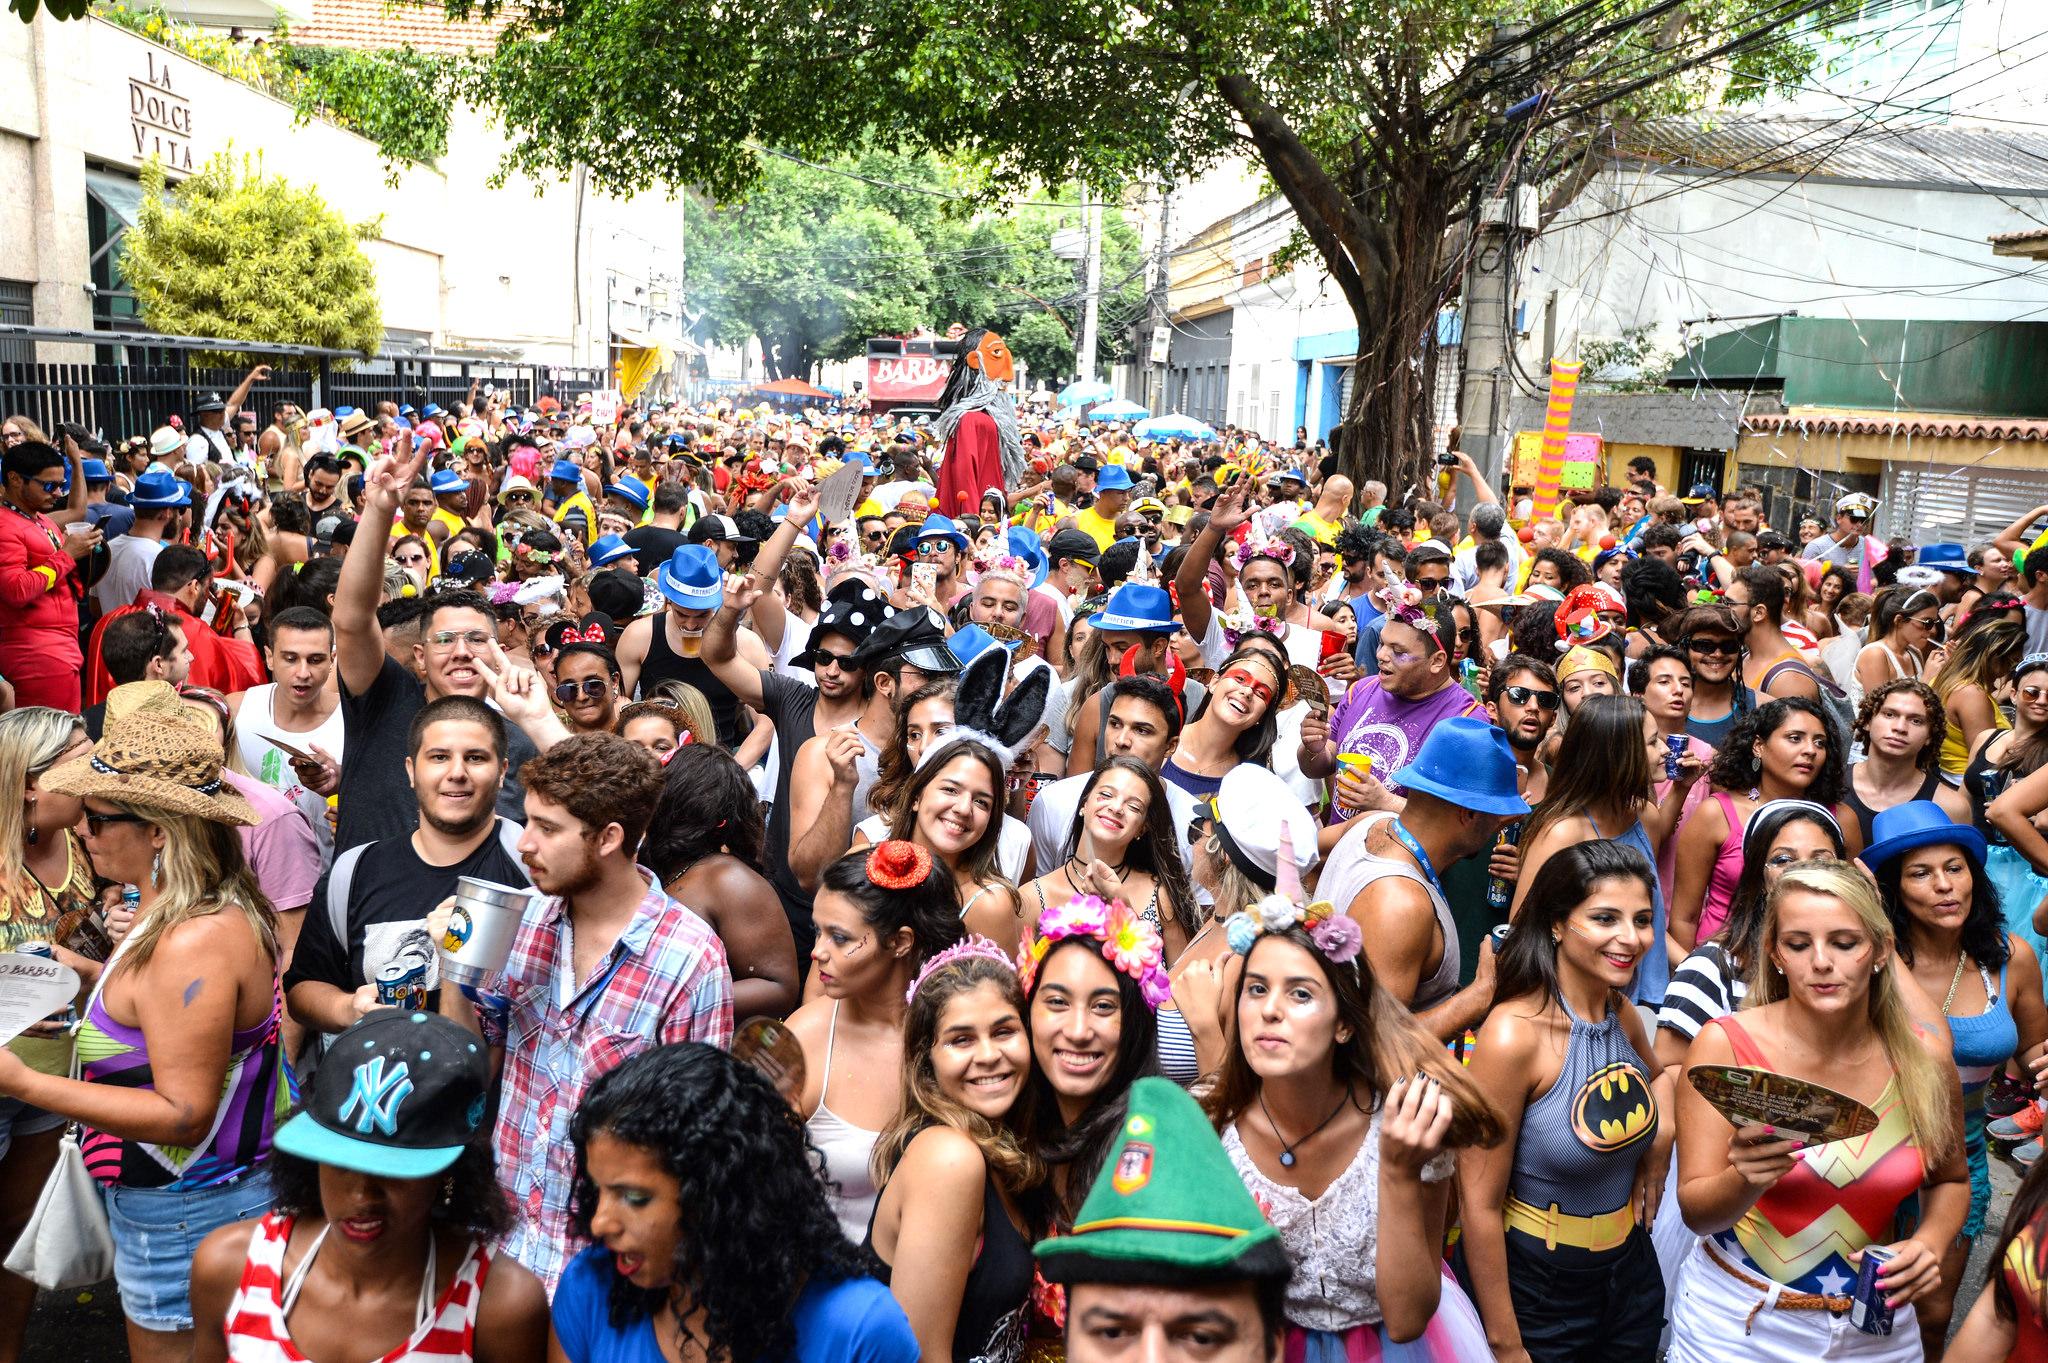 https://fikiri.net/wp-content/uploads/2020/02/1582734905_576_Brazylijski-karnawal-zastosuje-rozpoznawanie-twarzy-jako-srodek-bezpieczenstwa.jpg